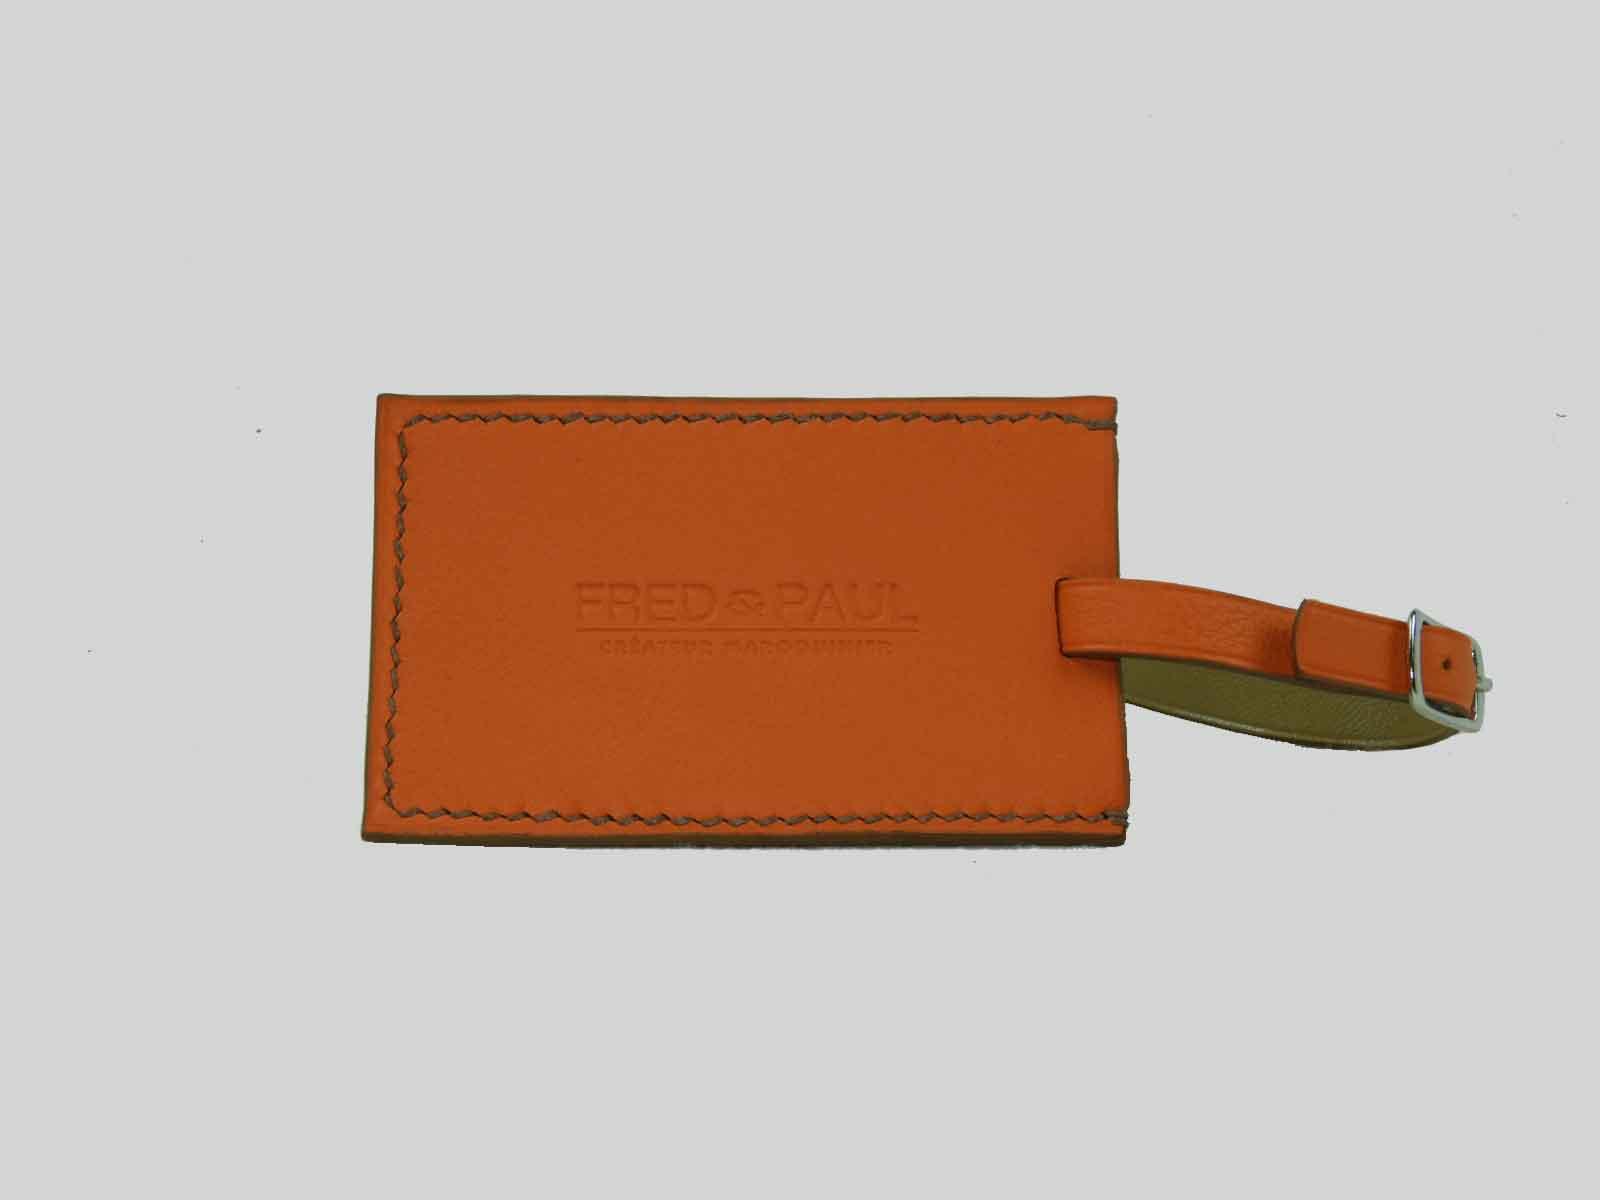 Porte étiquette de bagage en cuir de veau orange